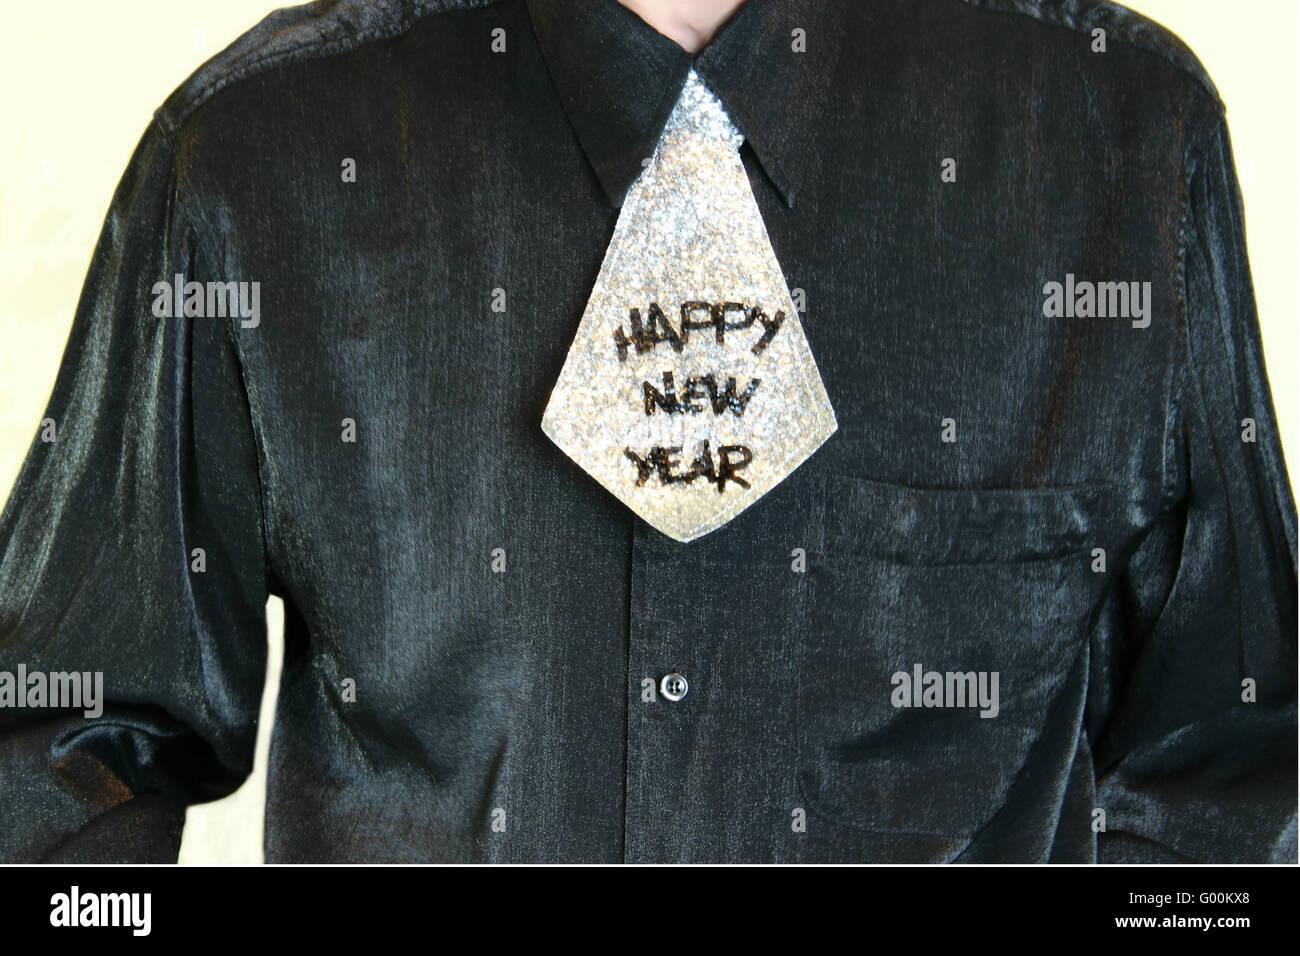 HAPPY NEW YEAR, shirt, tie Stock Photo